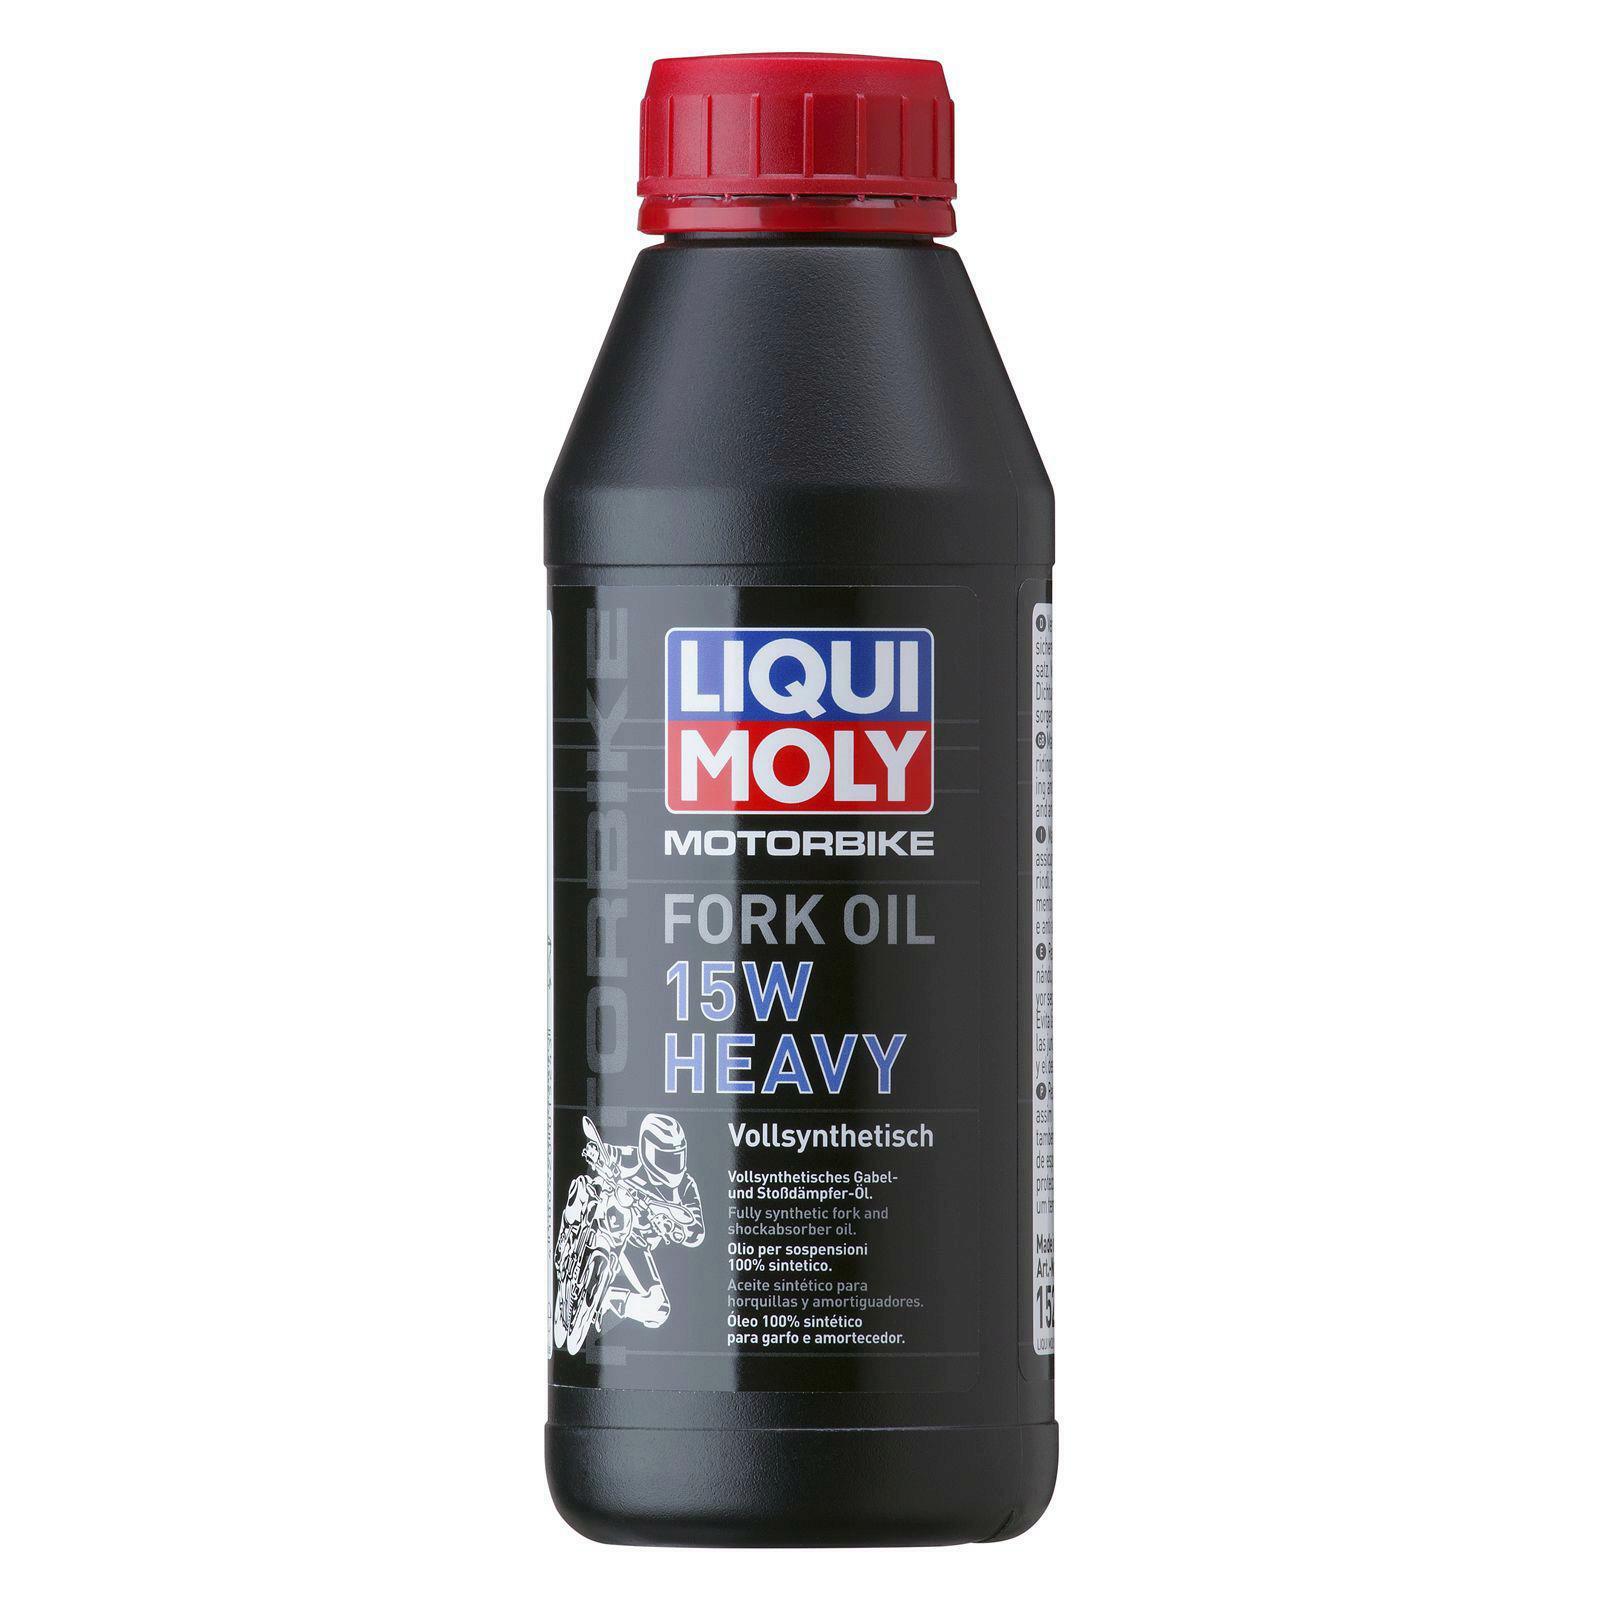 Liqui Moly otorbike Fork Öl 15W Heavy 500ml